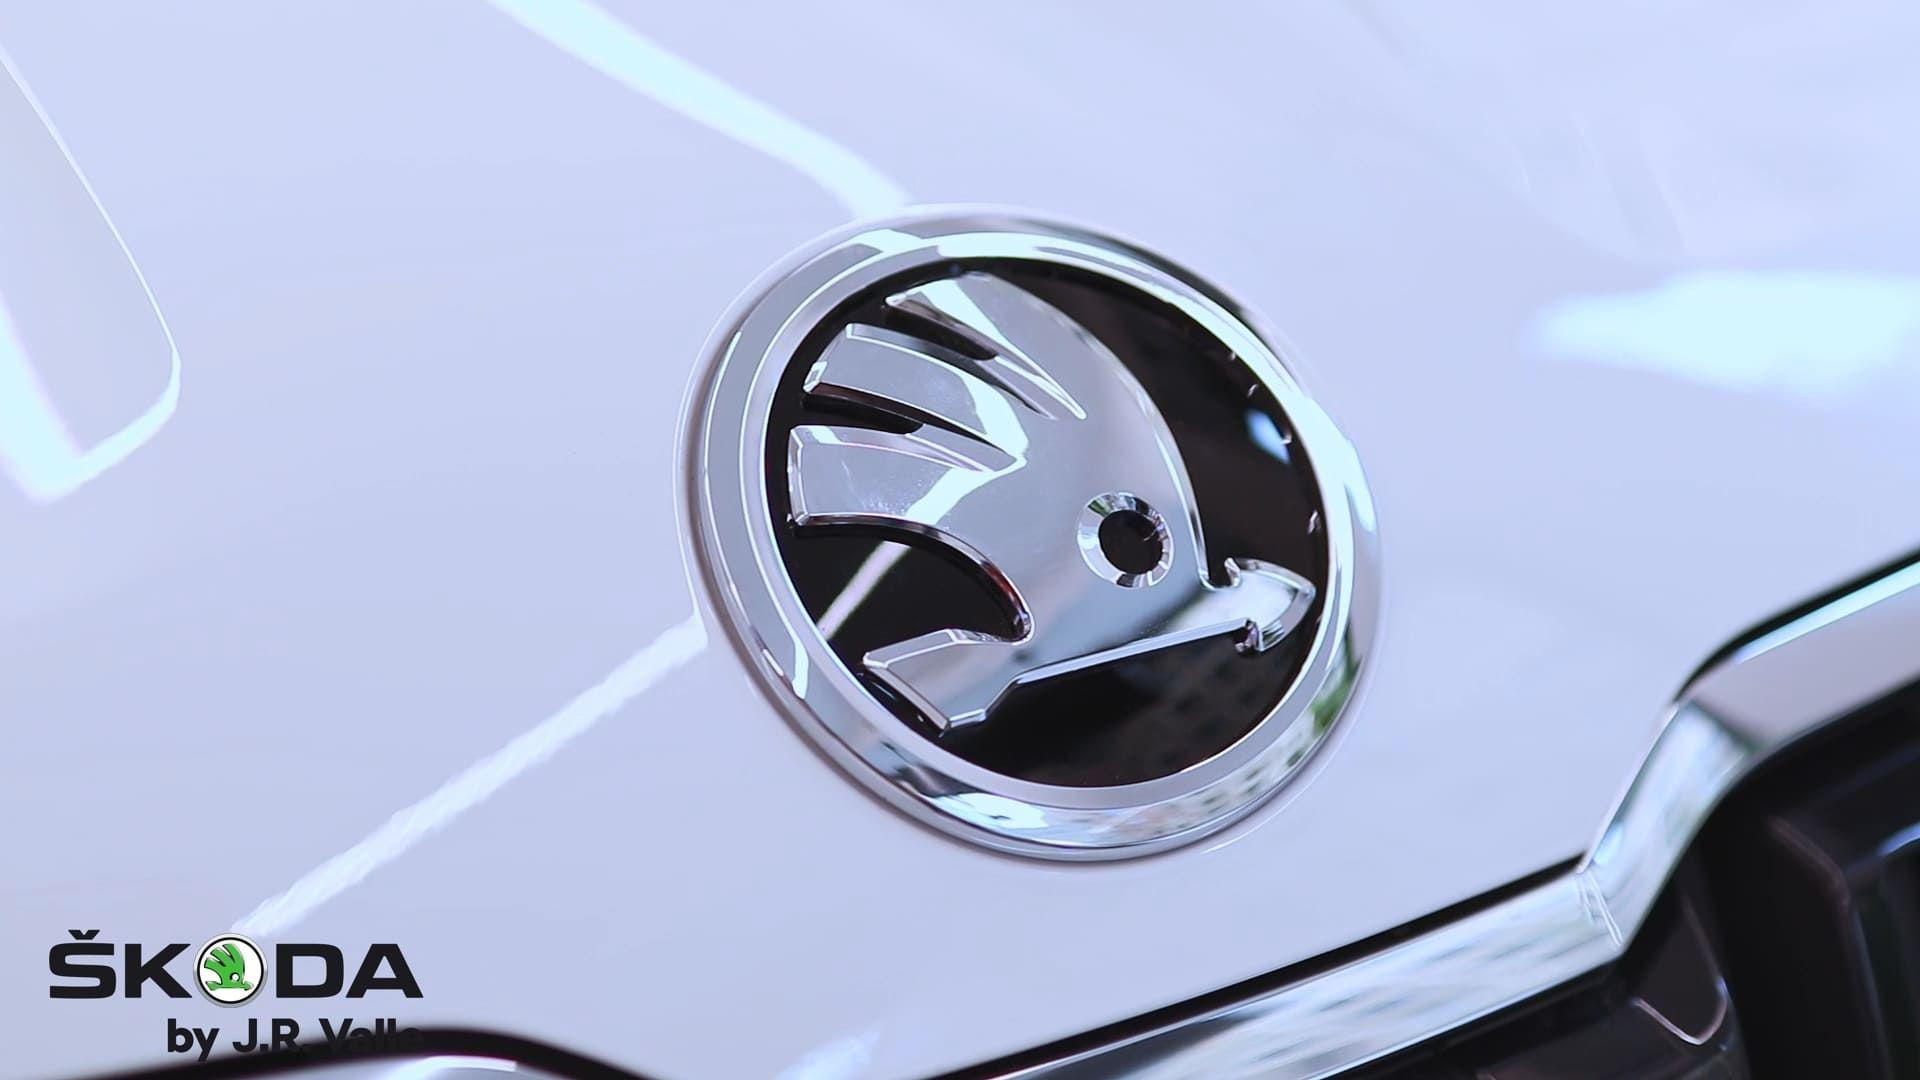 Logo coche Skoda by J.R. Valle City Store Valencia